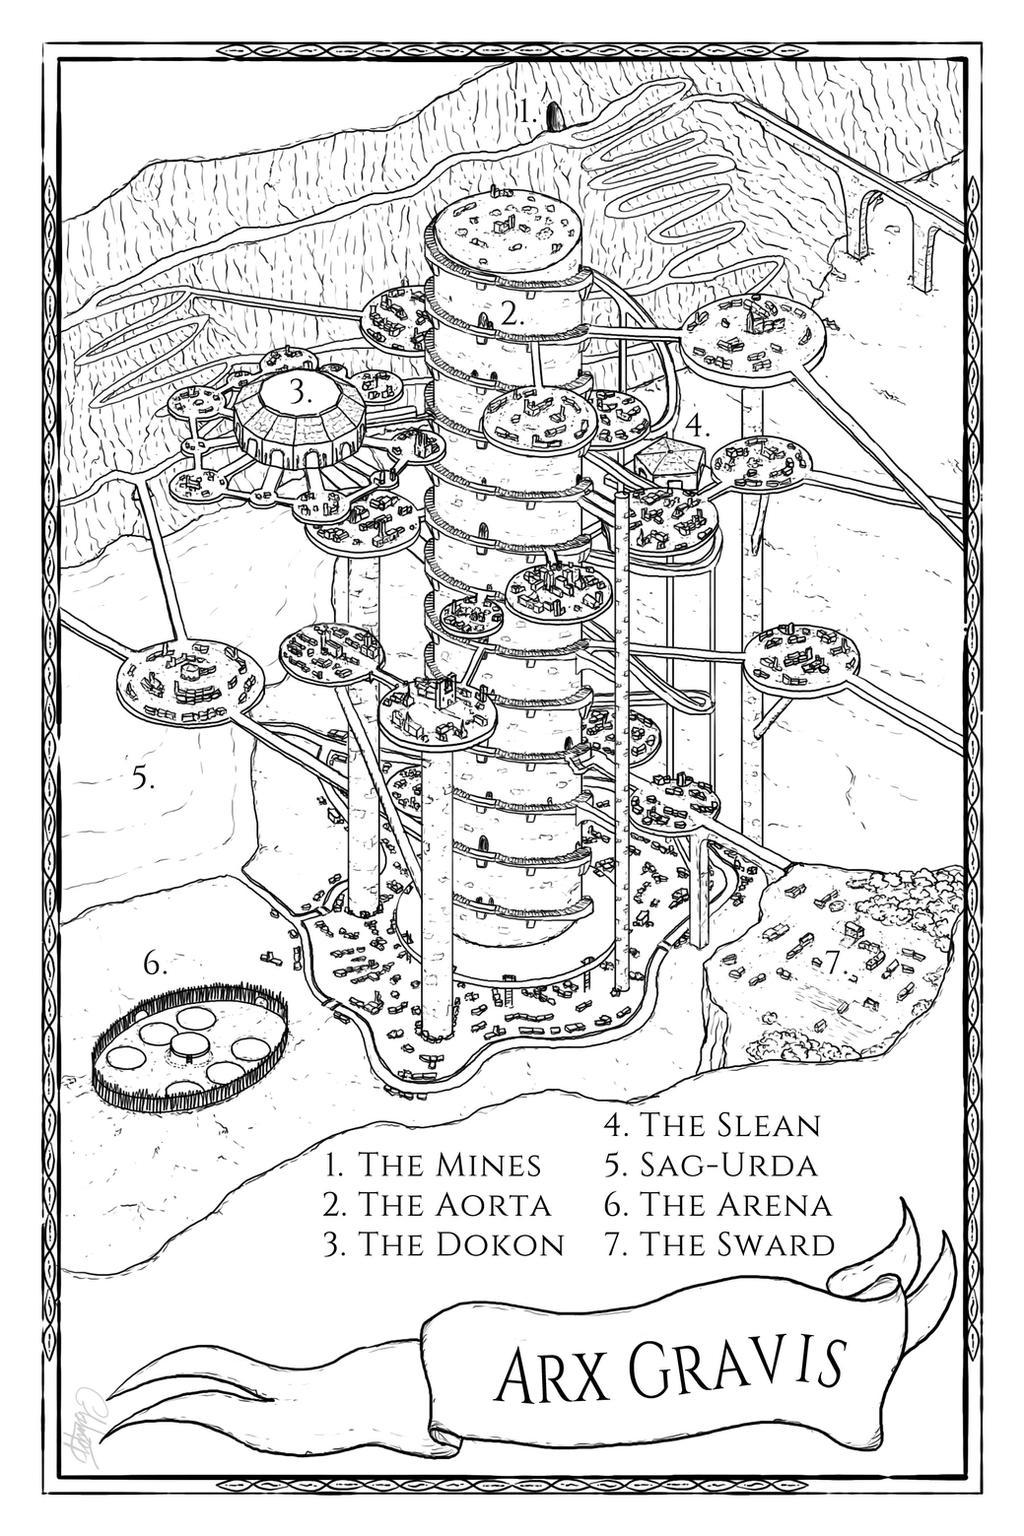 The City of Arx Gravis